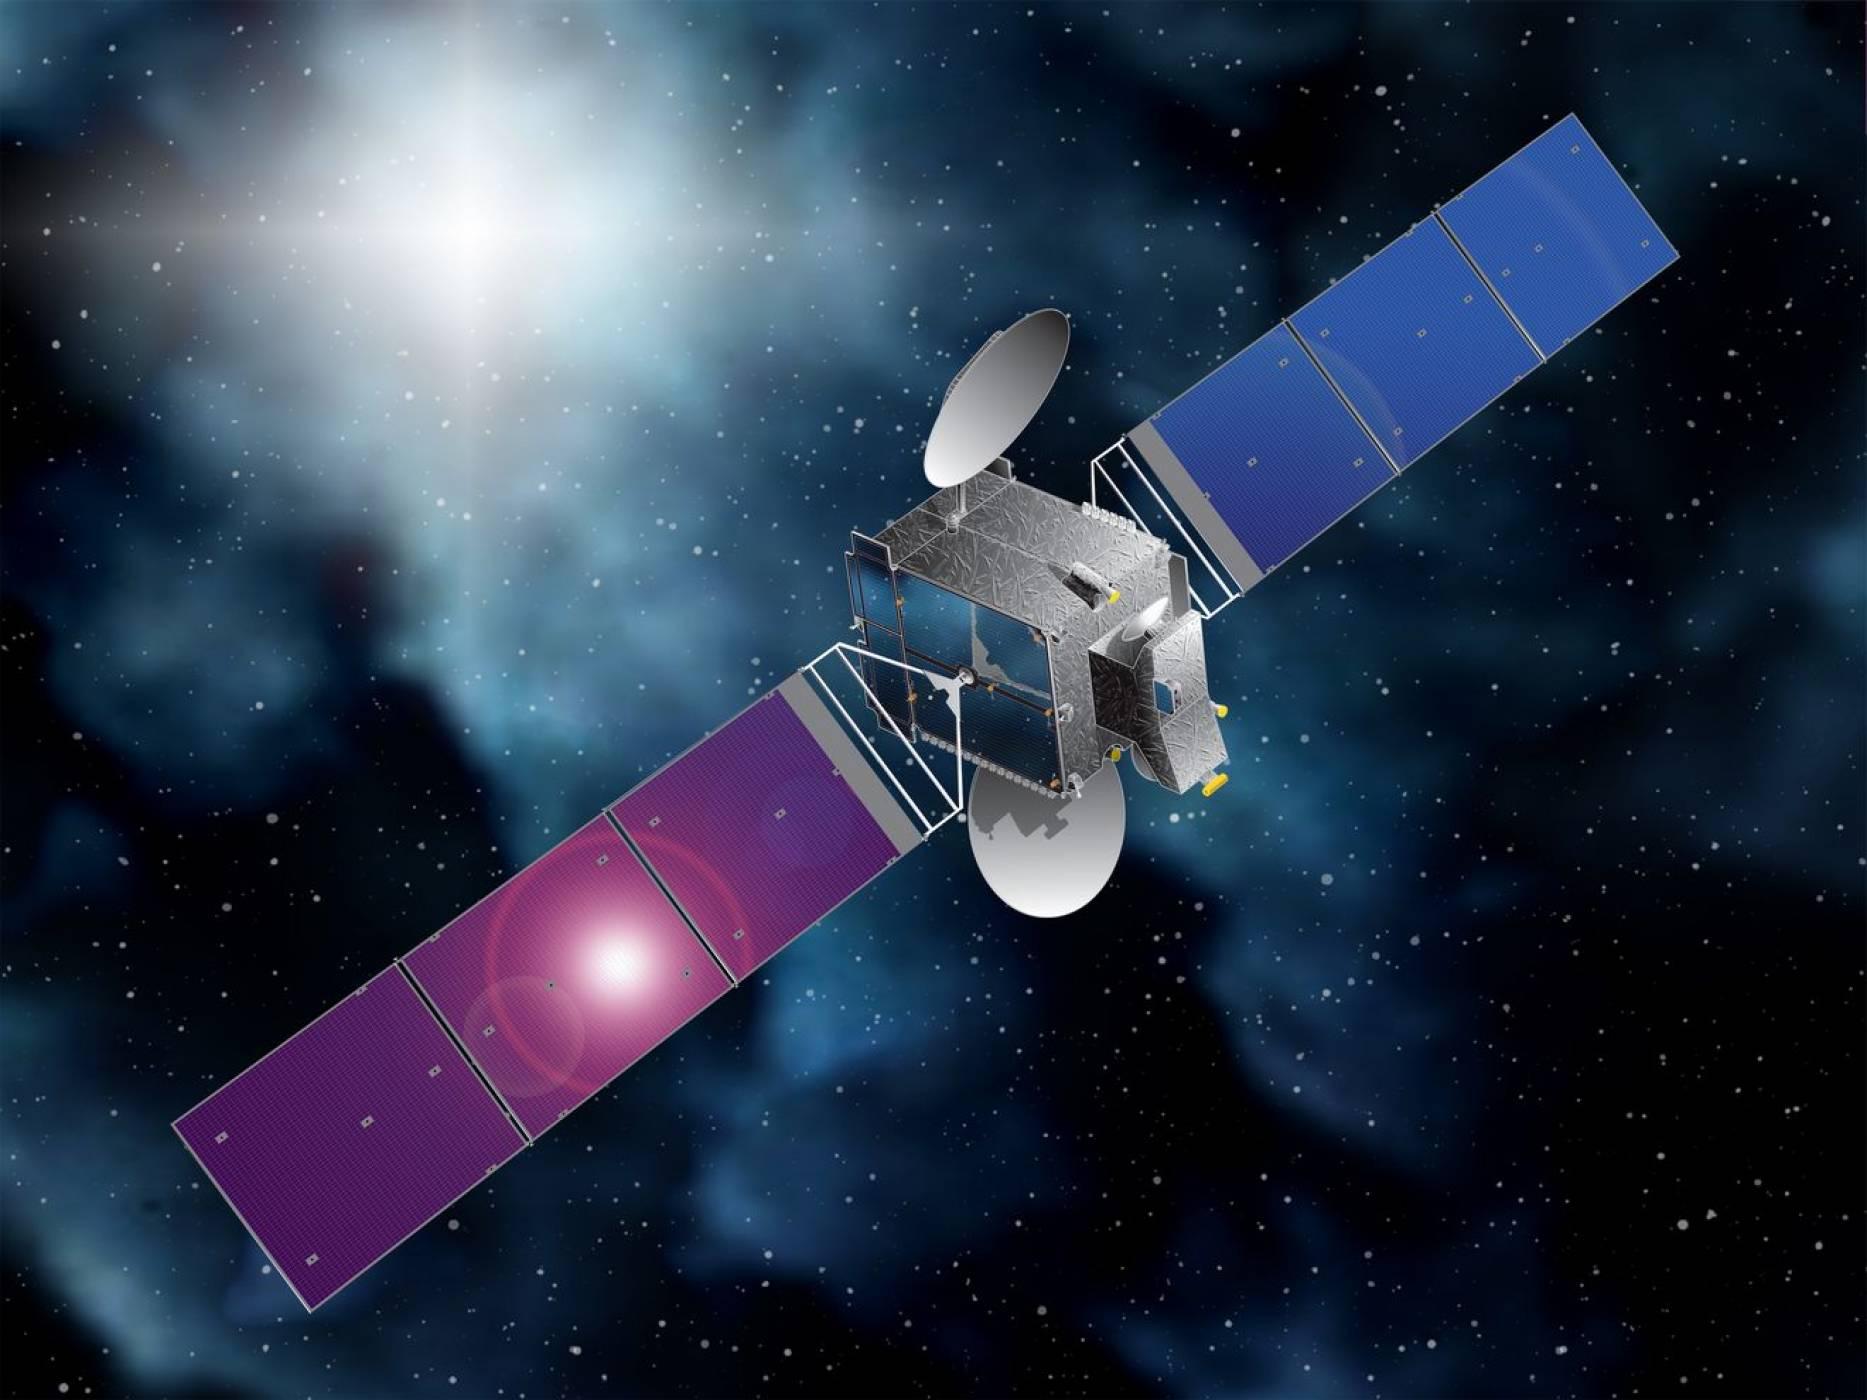 Булсатком изстрелва сателита си от Кейп Канаверал на 15 юни